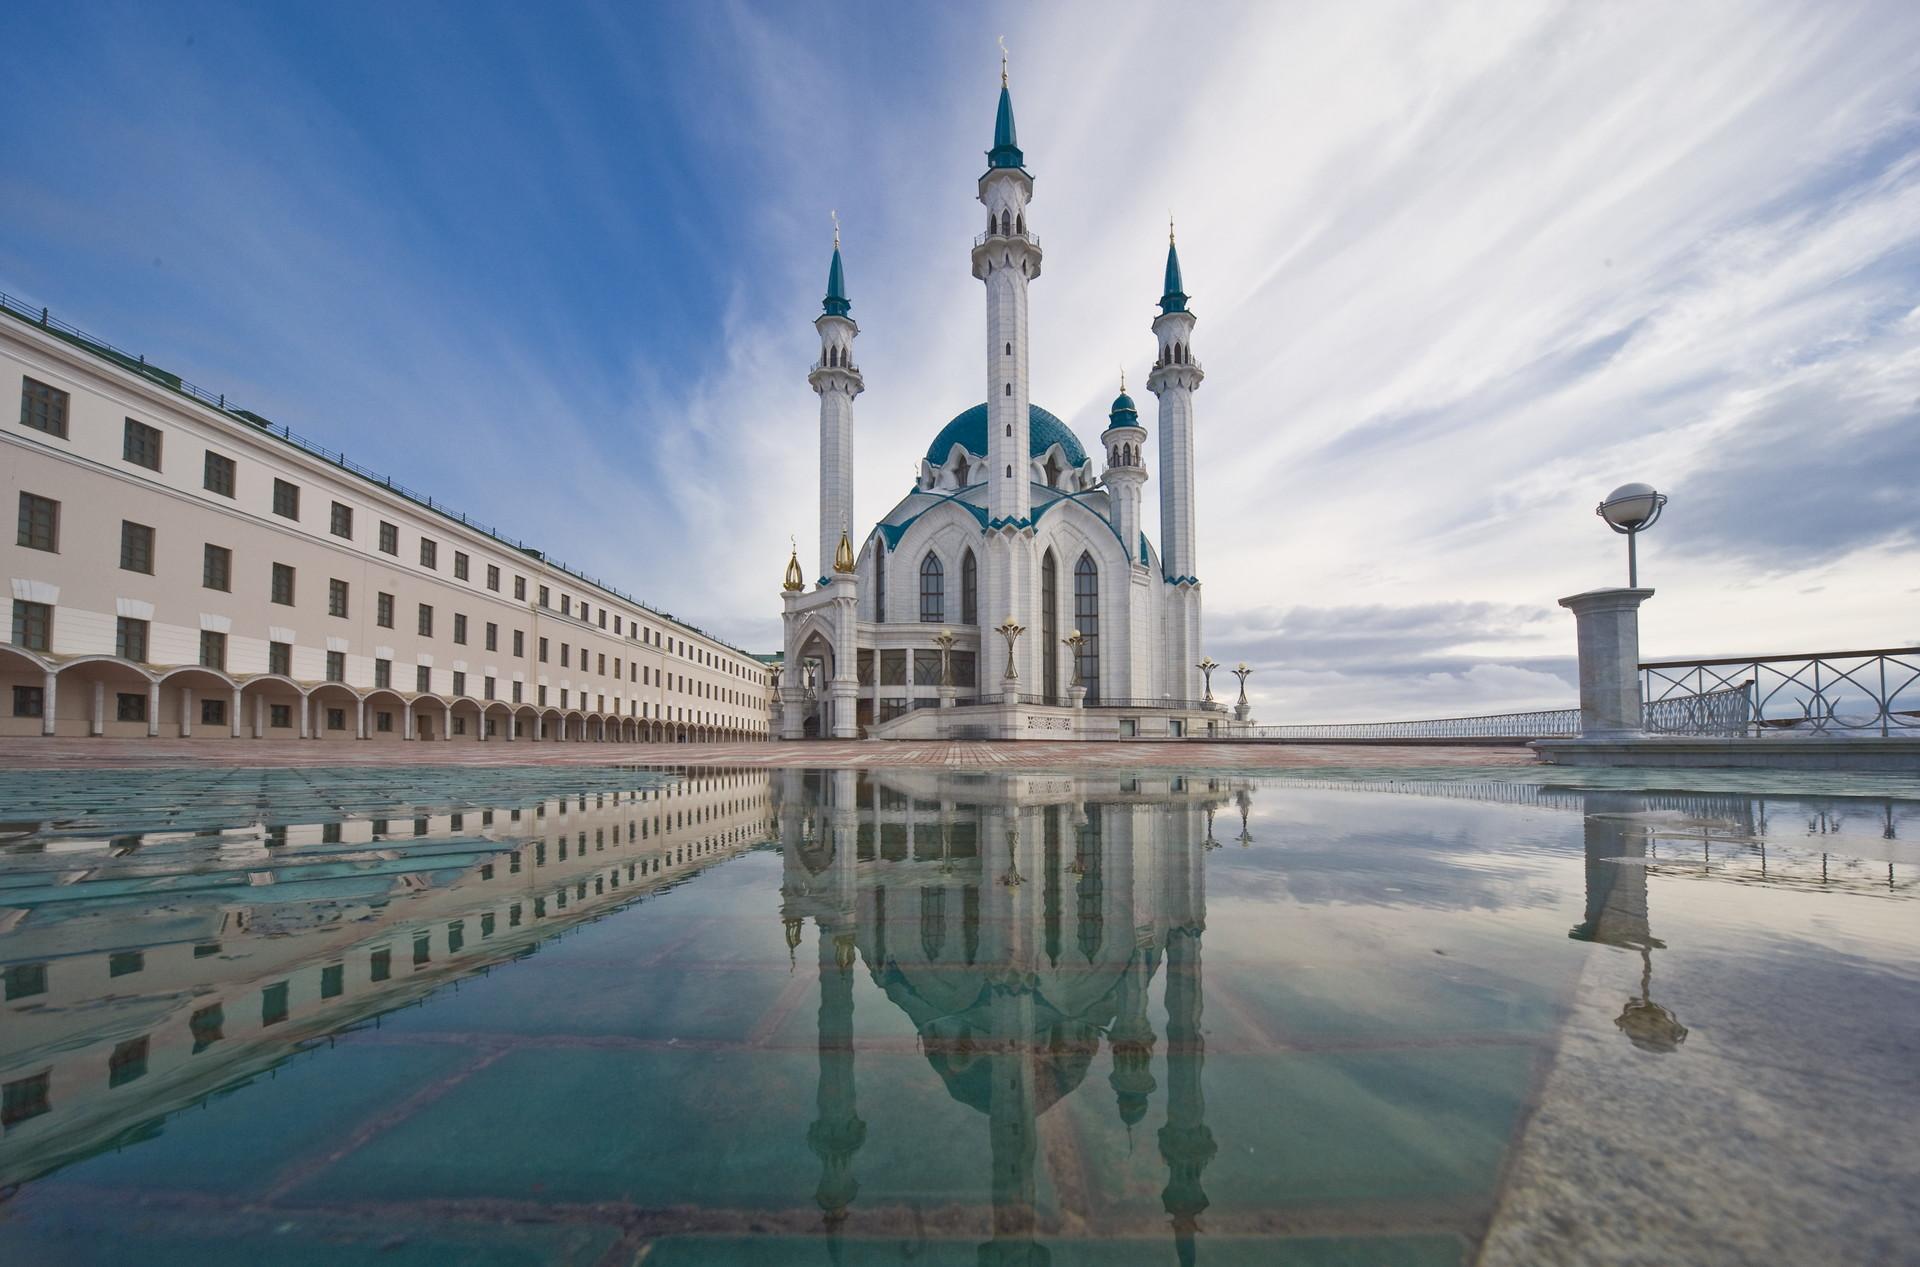 Masjid Kul Sharif di Kazan, Republik Tatarstan, Rusia.